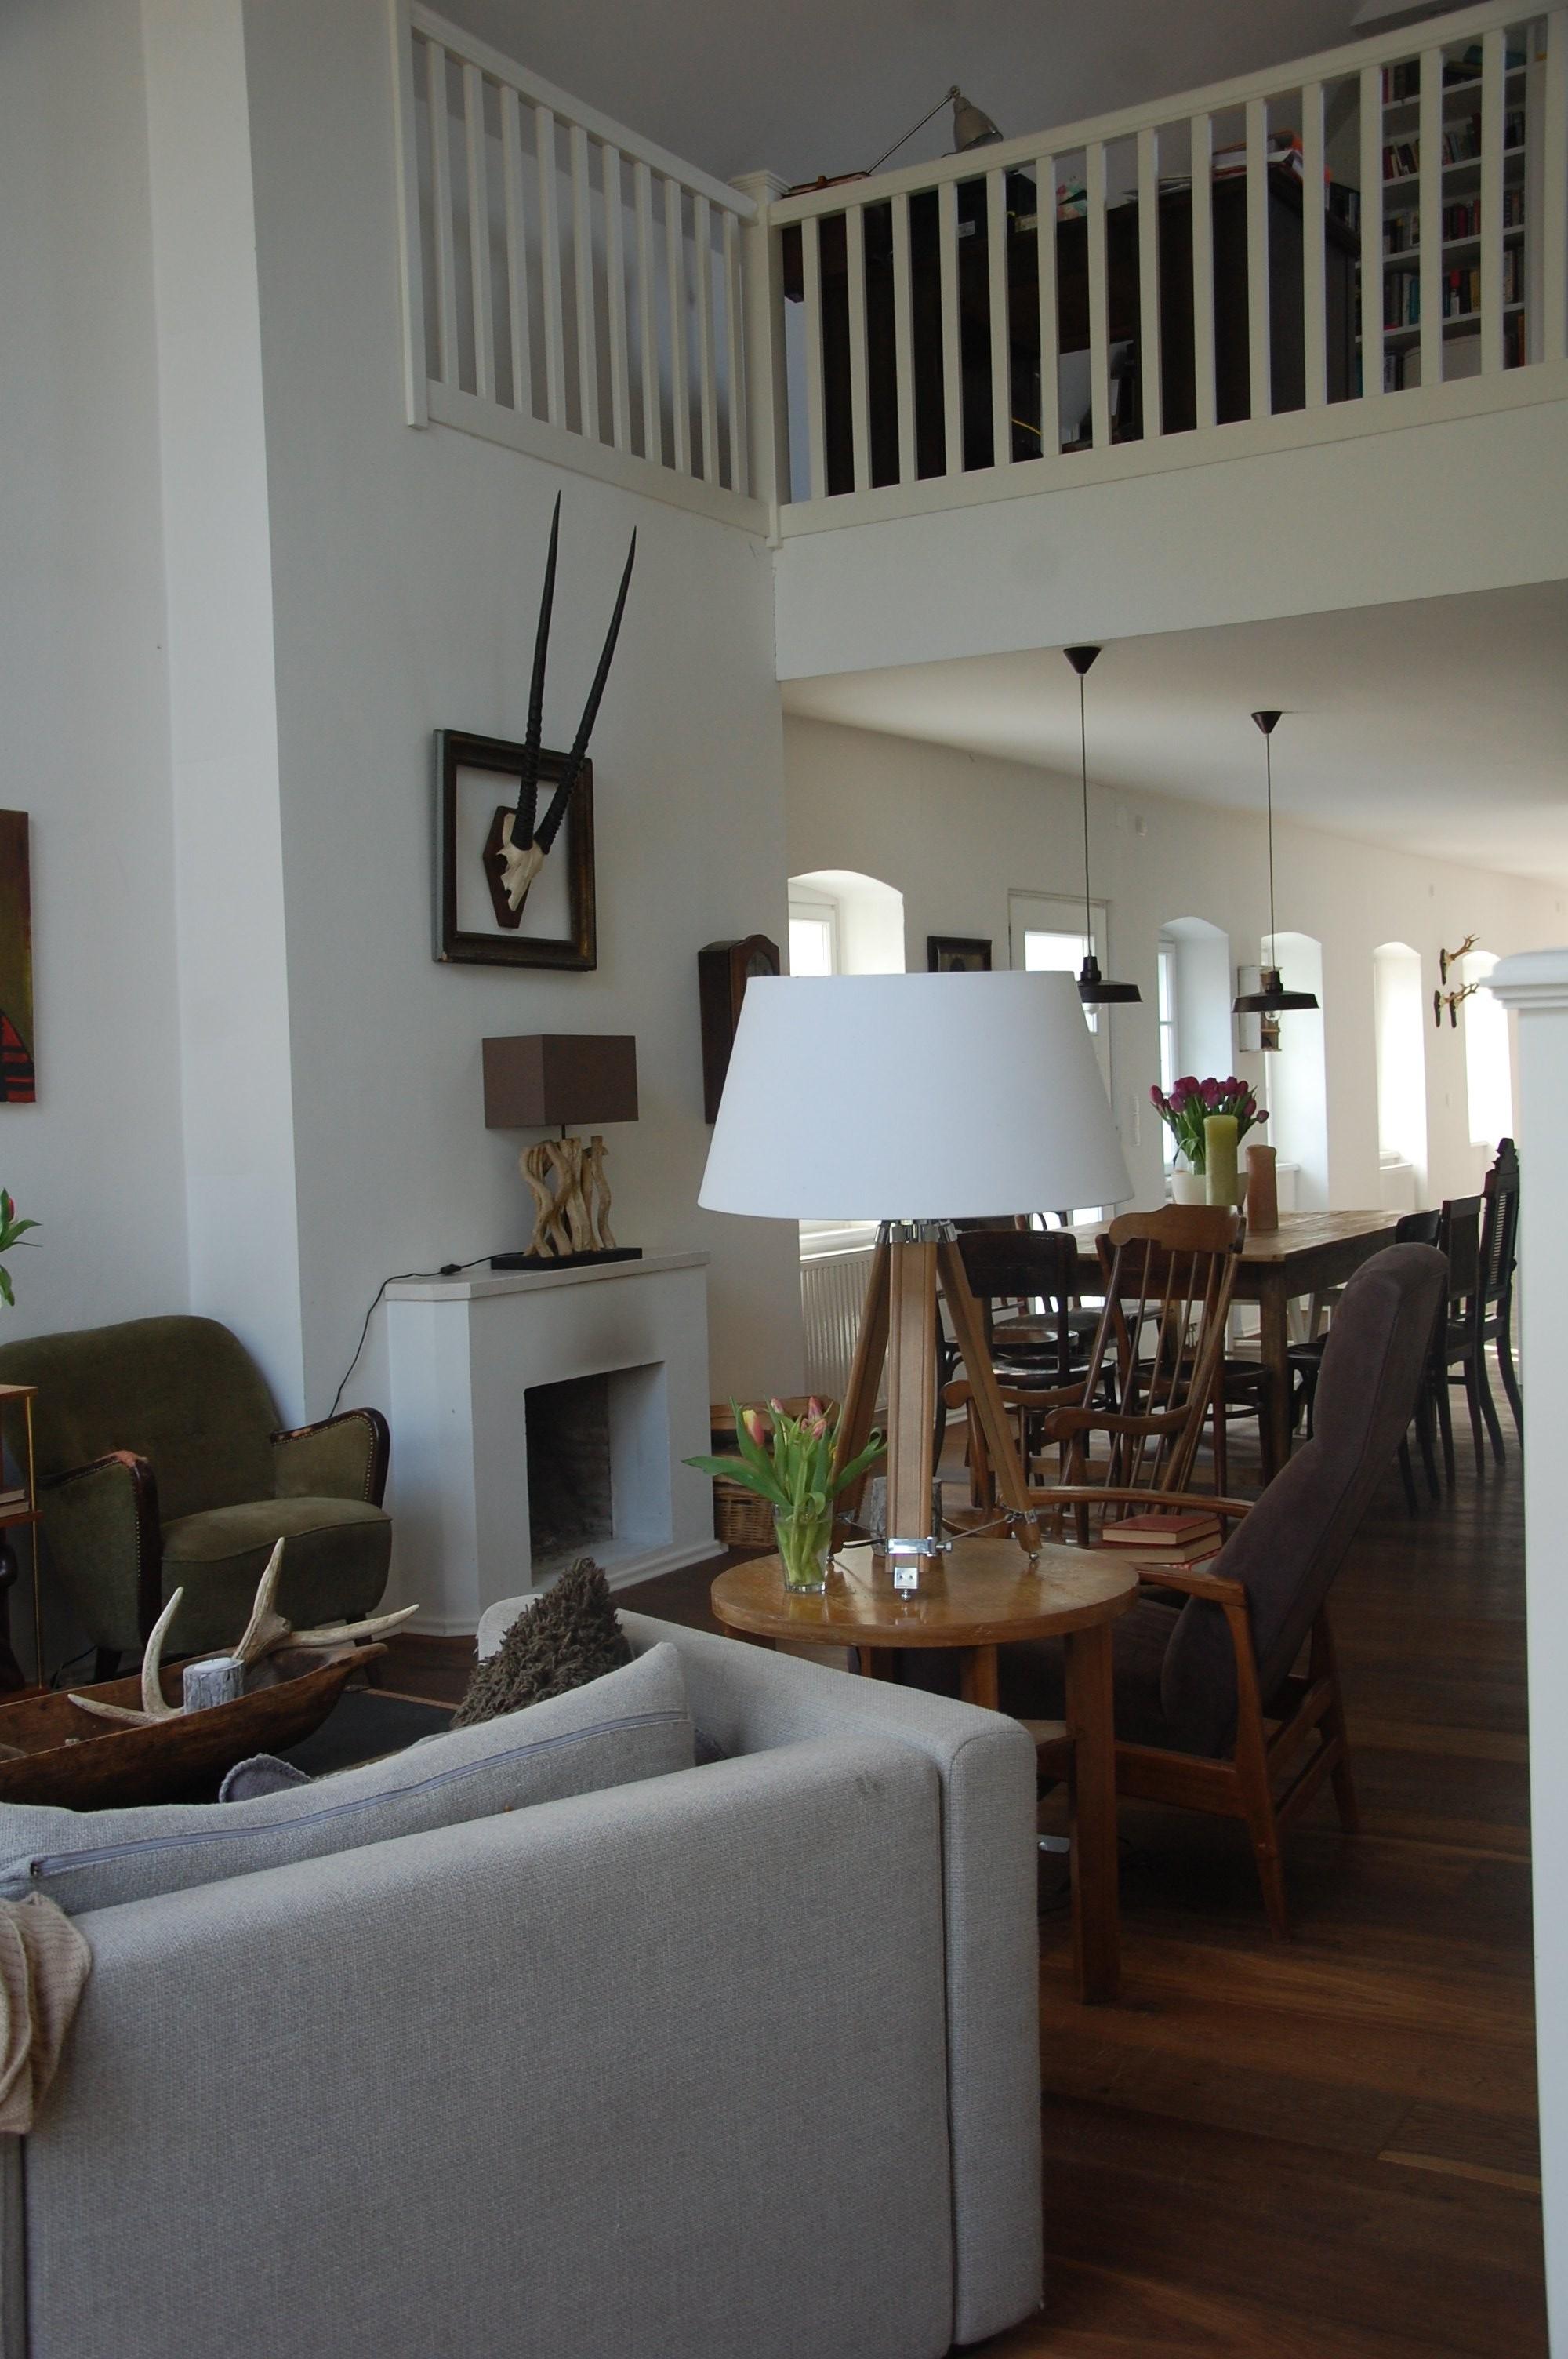 wohnzimmer 39 wohnzimmer 39 vorher nachher zimmerschau. Black Bedroom Furniture Sets. Home Design Ideas